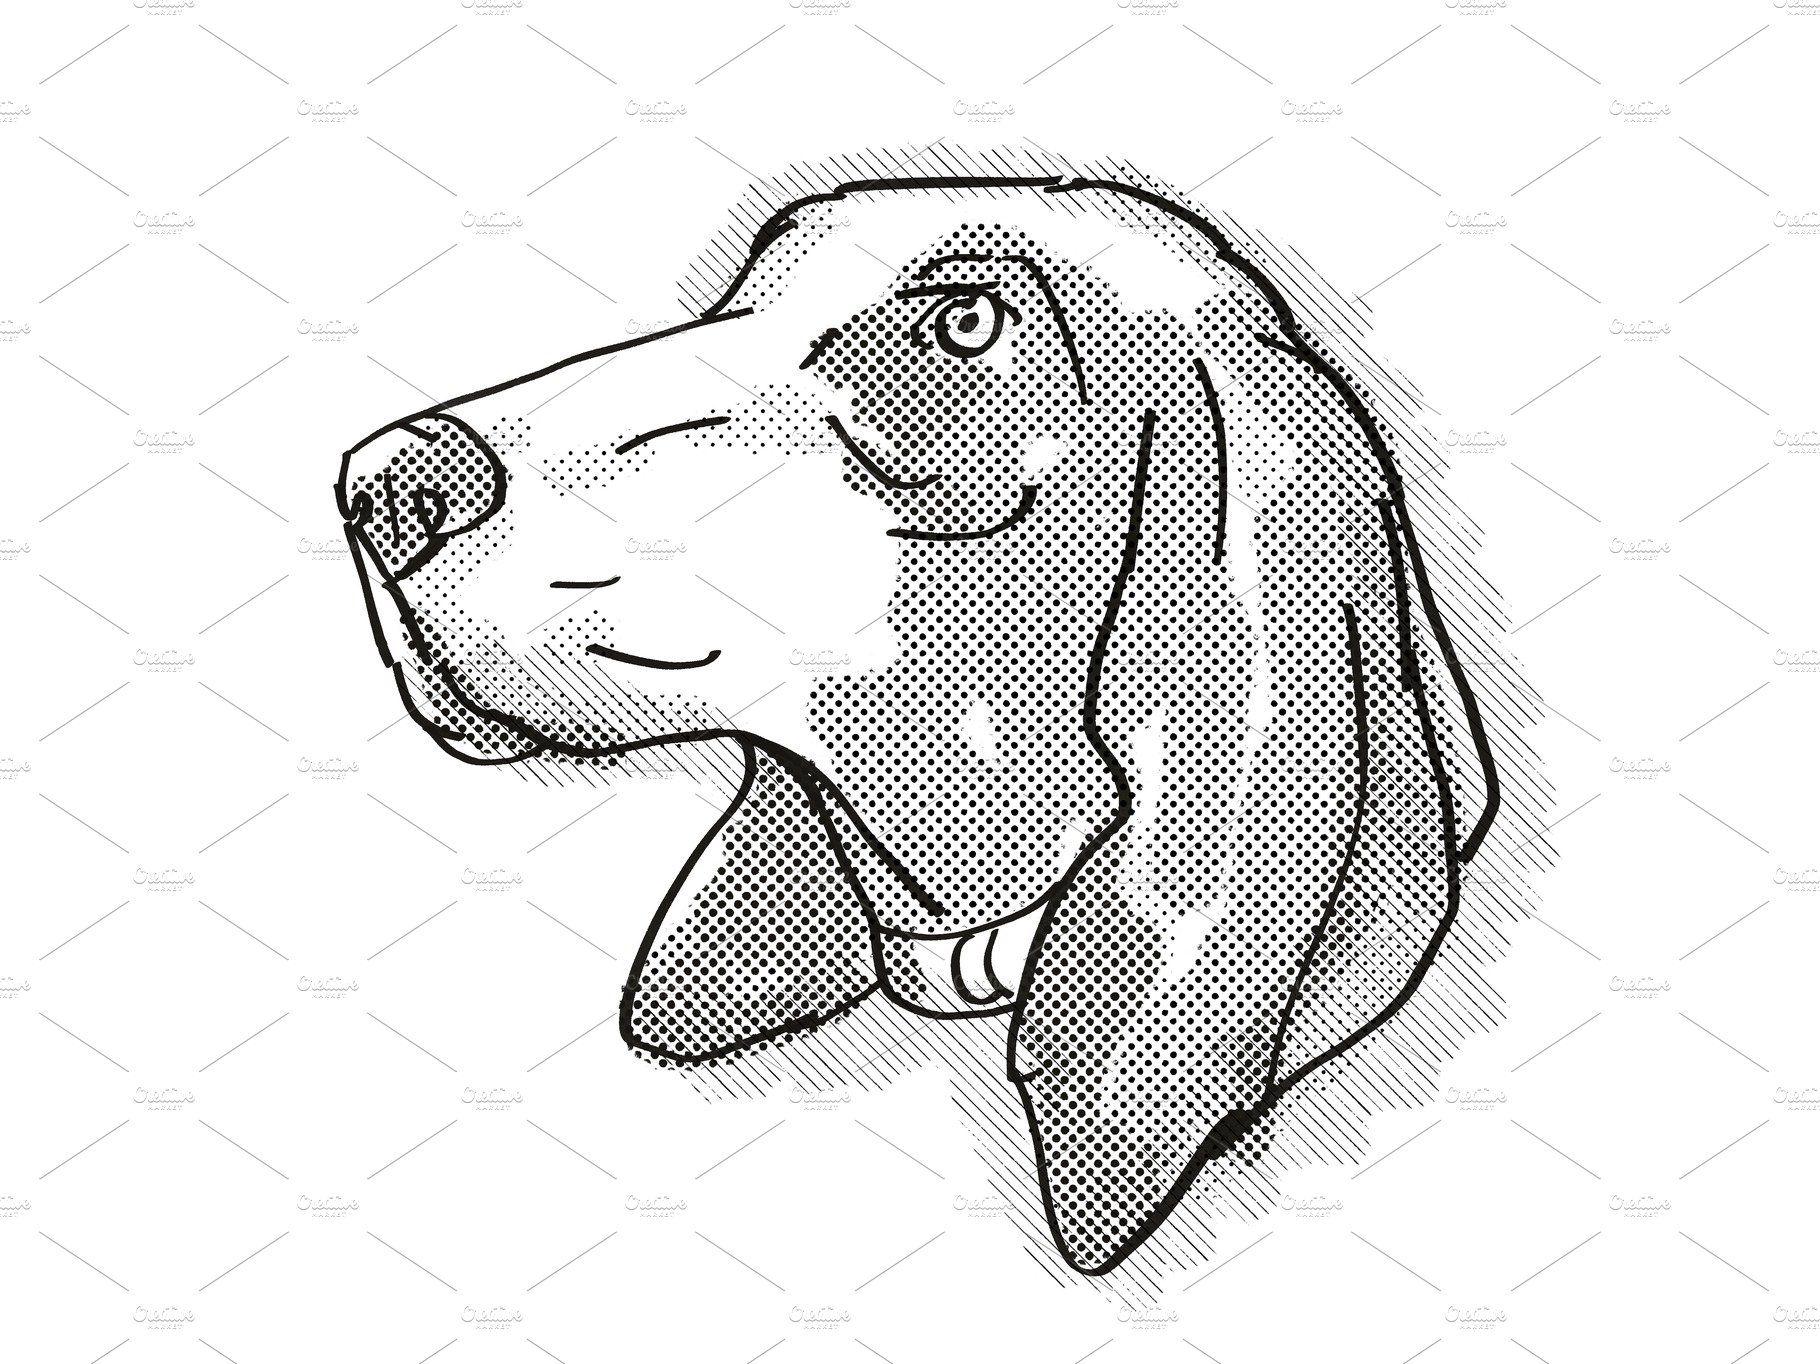 Bracco Italiano Dog Breed Cartoon In 2021 Cartoon Style Drawing Retro Illustration Cartoon Styles